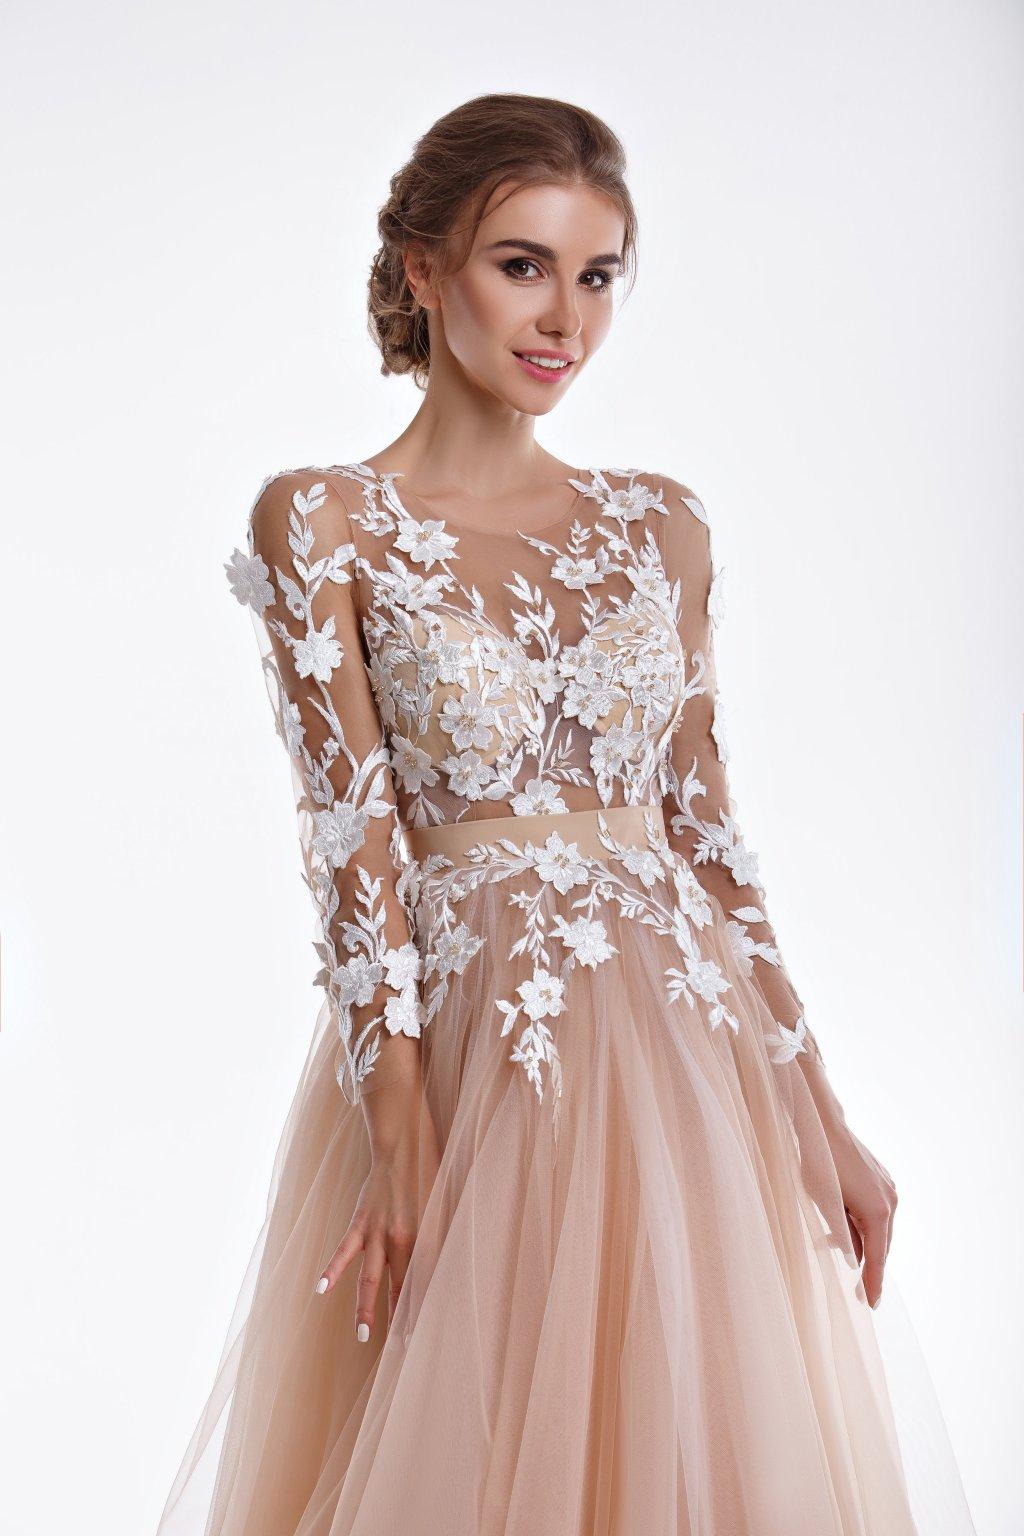 Rochie de mireasa cu flori albe